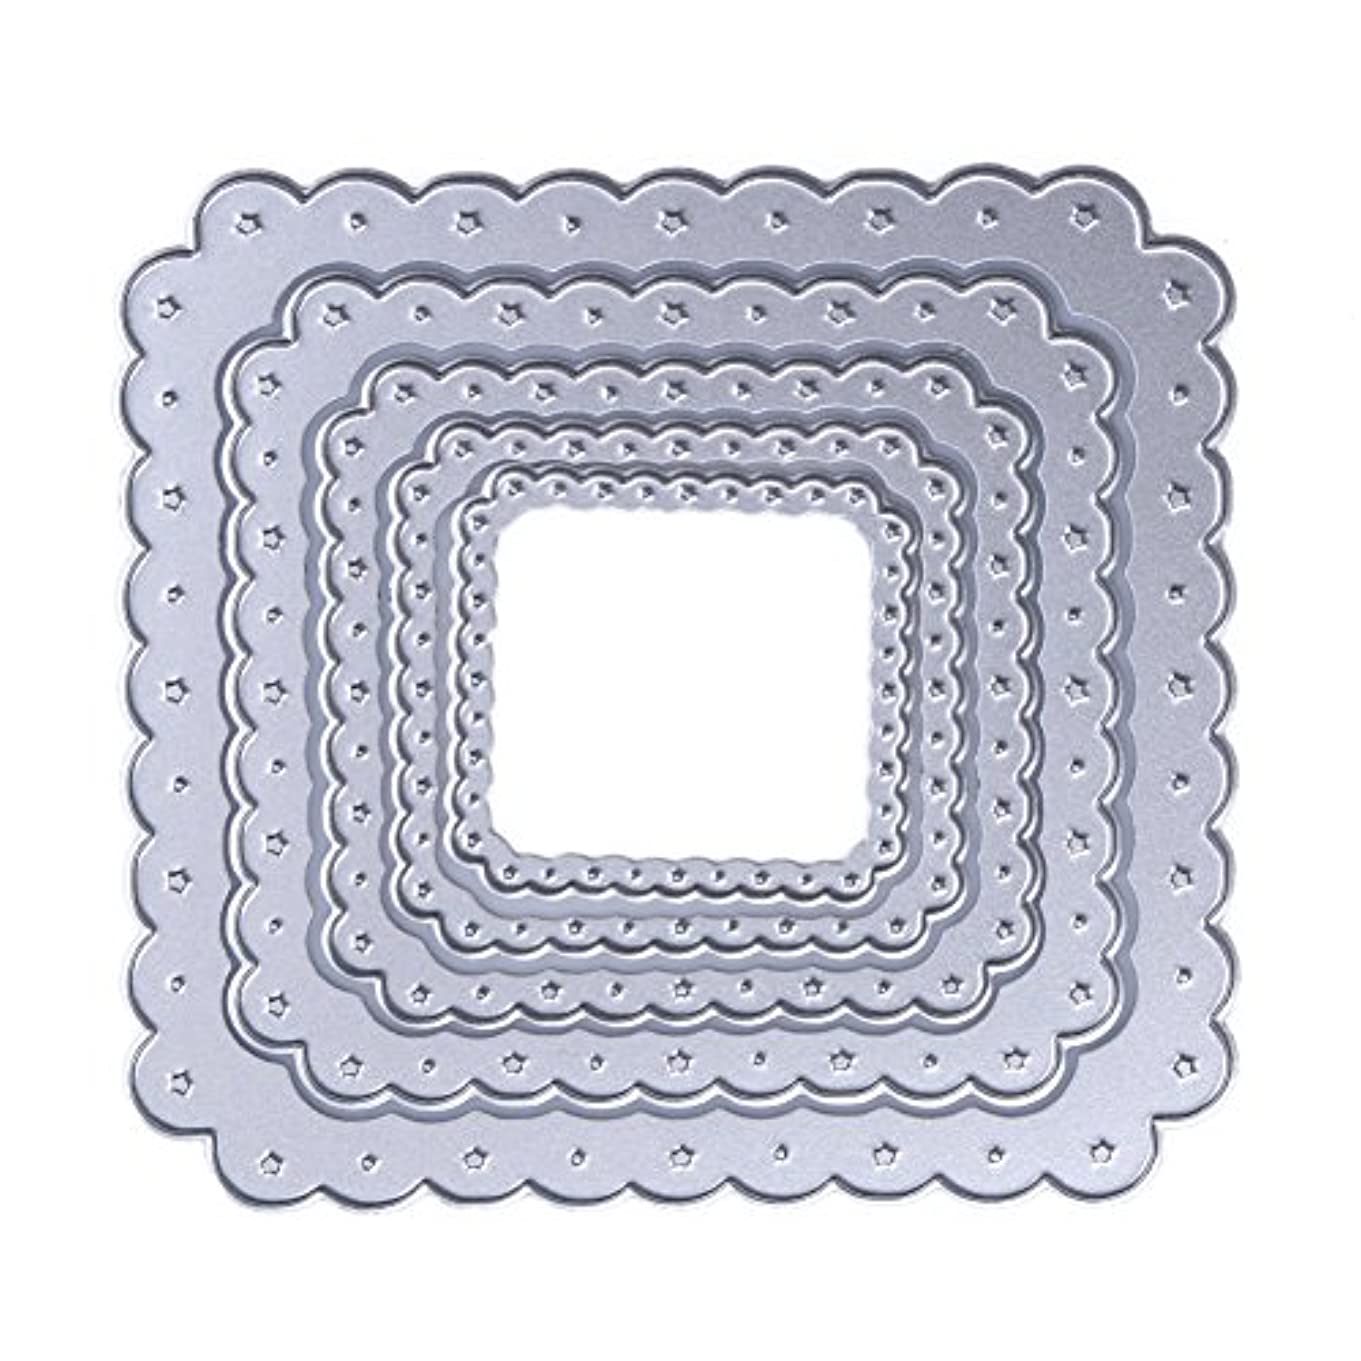 気がついて蒸気繁殖Demiawaking スクラップブック カード作り道具 ダイカットテンプレート 切り抜き紙が作れる型?四角形5枚セット